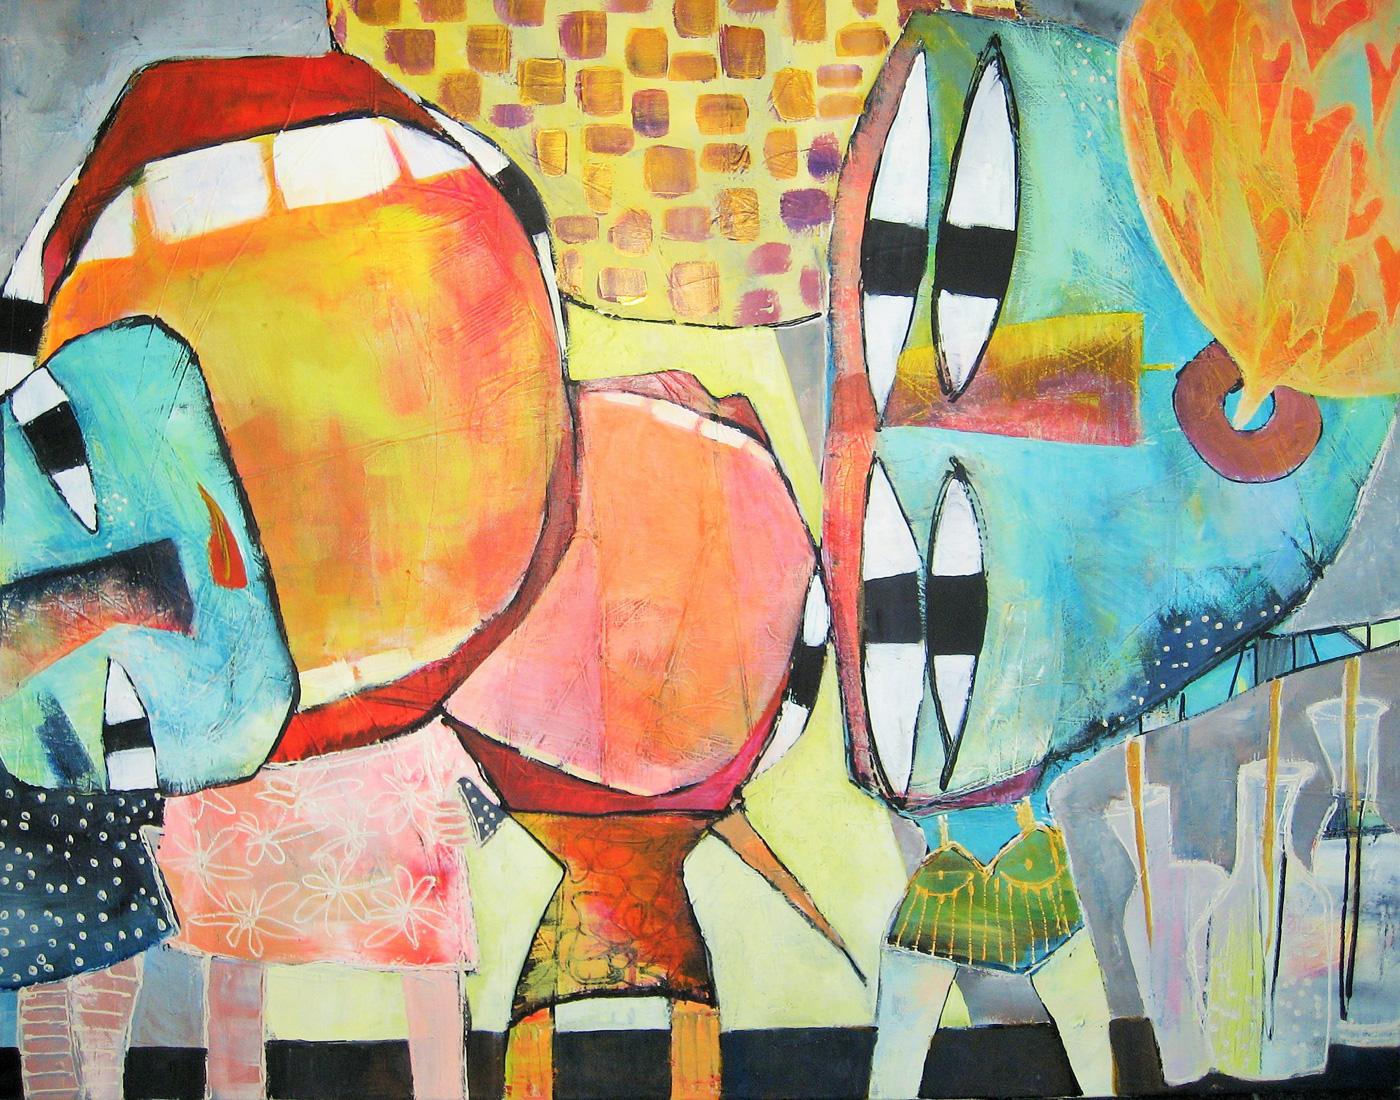 Maleri akryl på lærred Tweens til fest